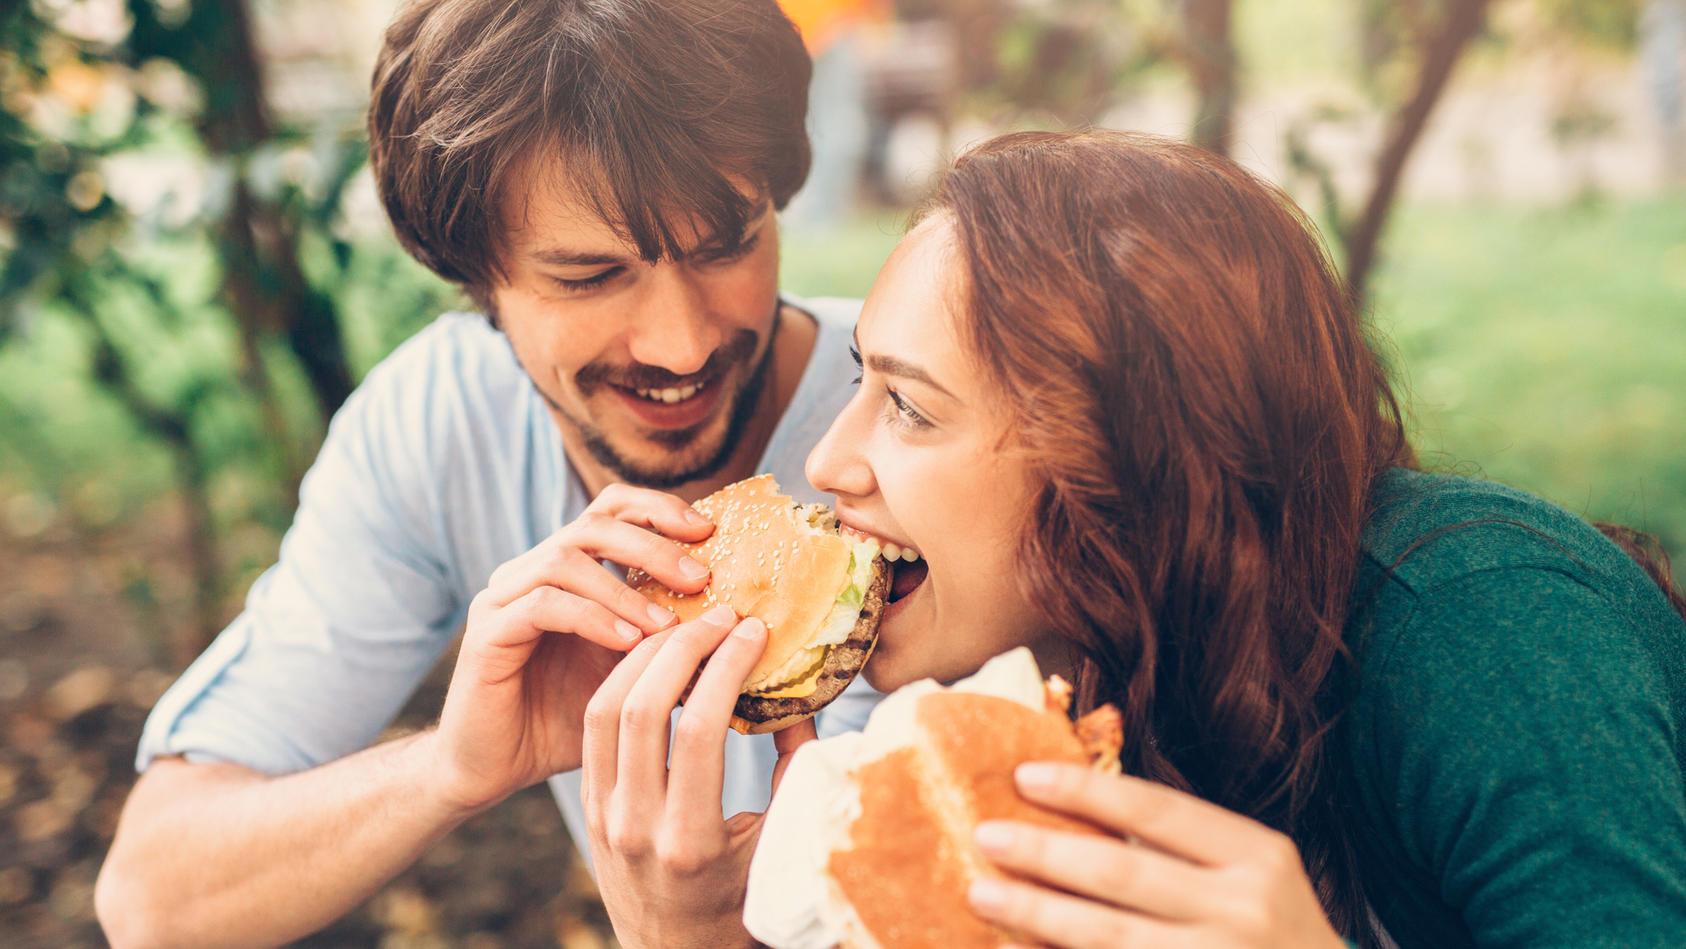 Mann und Frau essen Burger